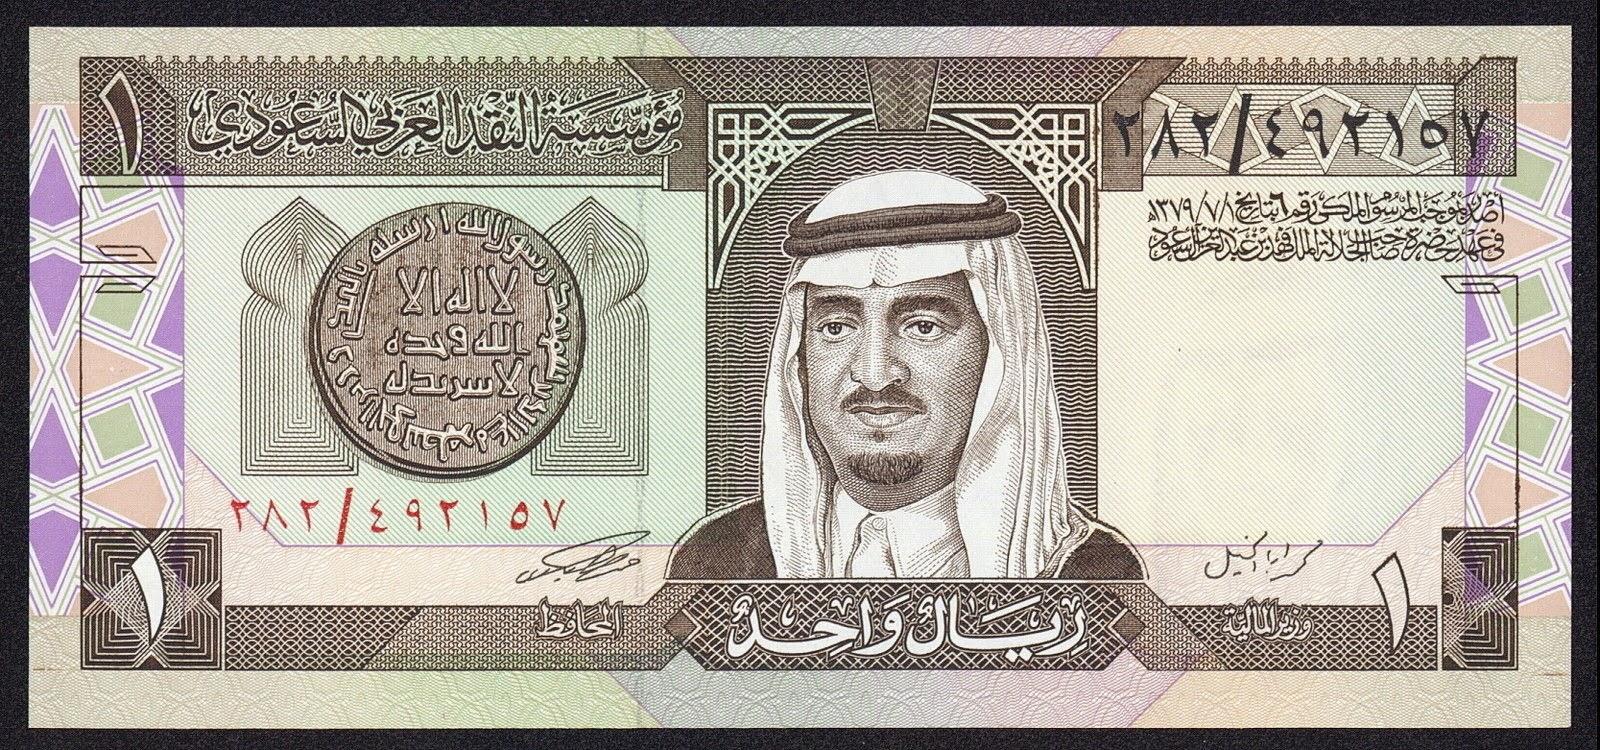 Saudi Arabia Banknotes 1 Riyal Note 1984 Umayyad gold Dinar, King Fahd